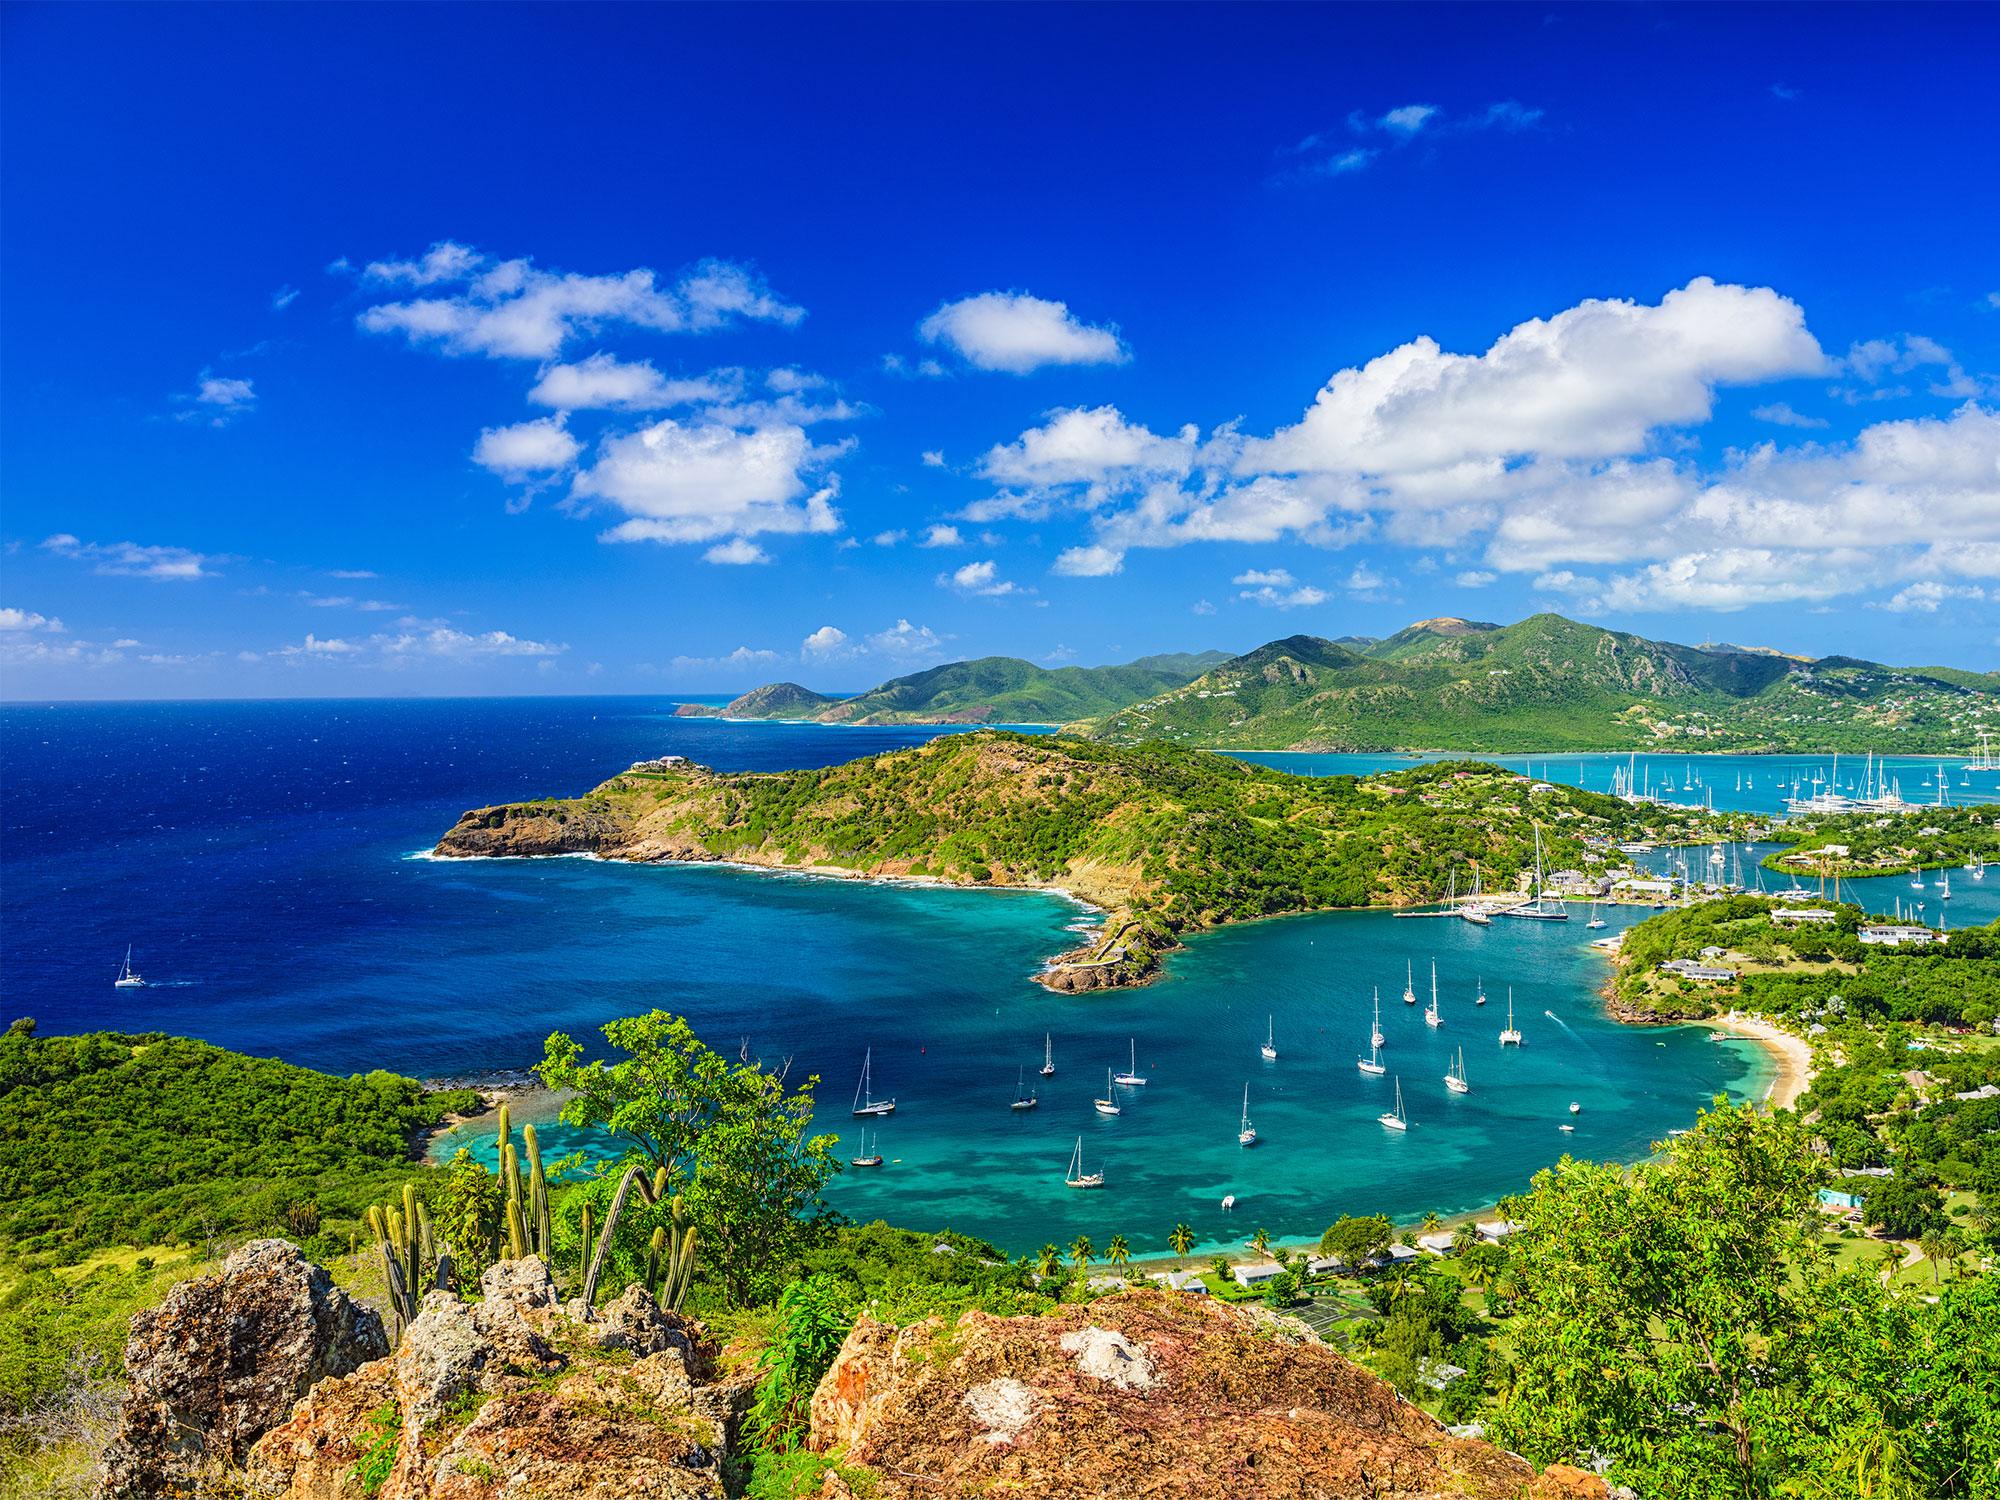 Ocean overlook in Antigua